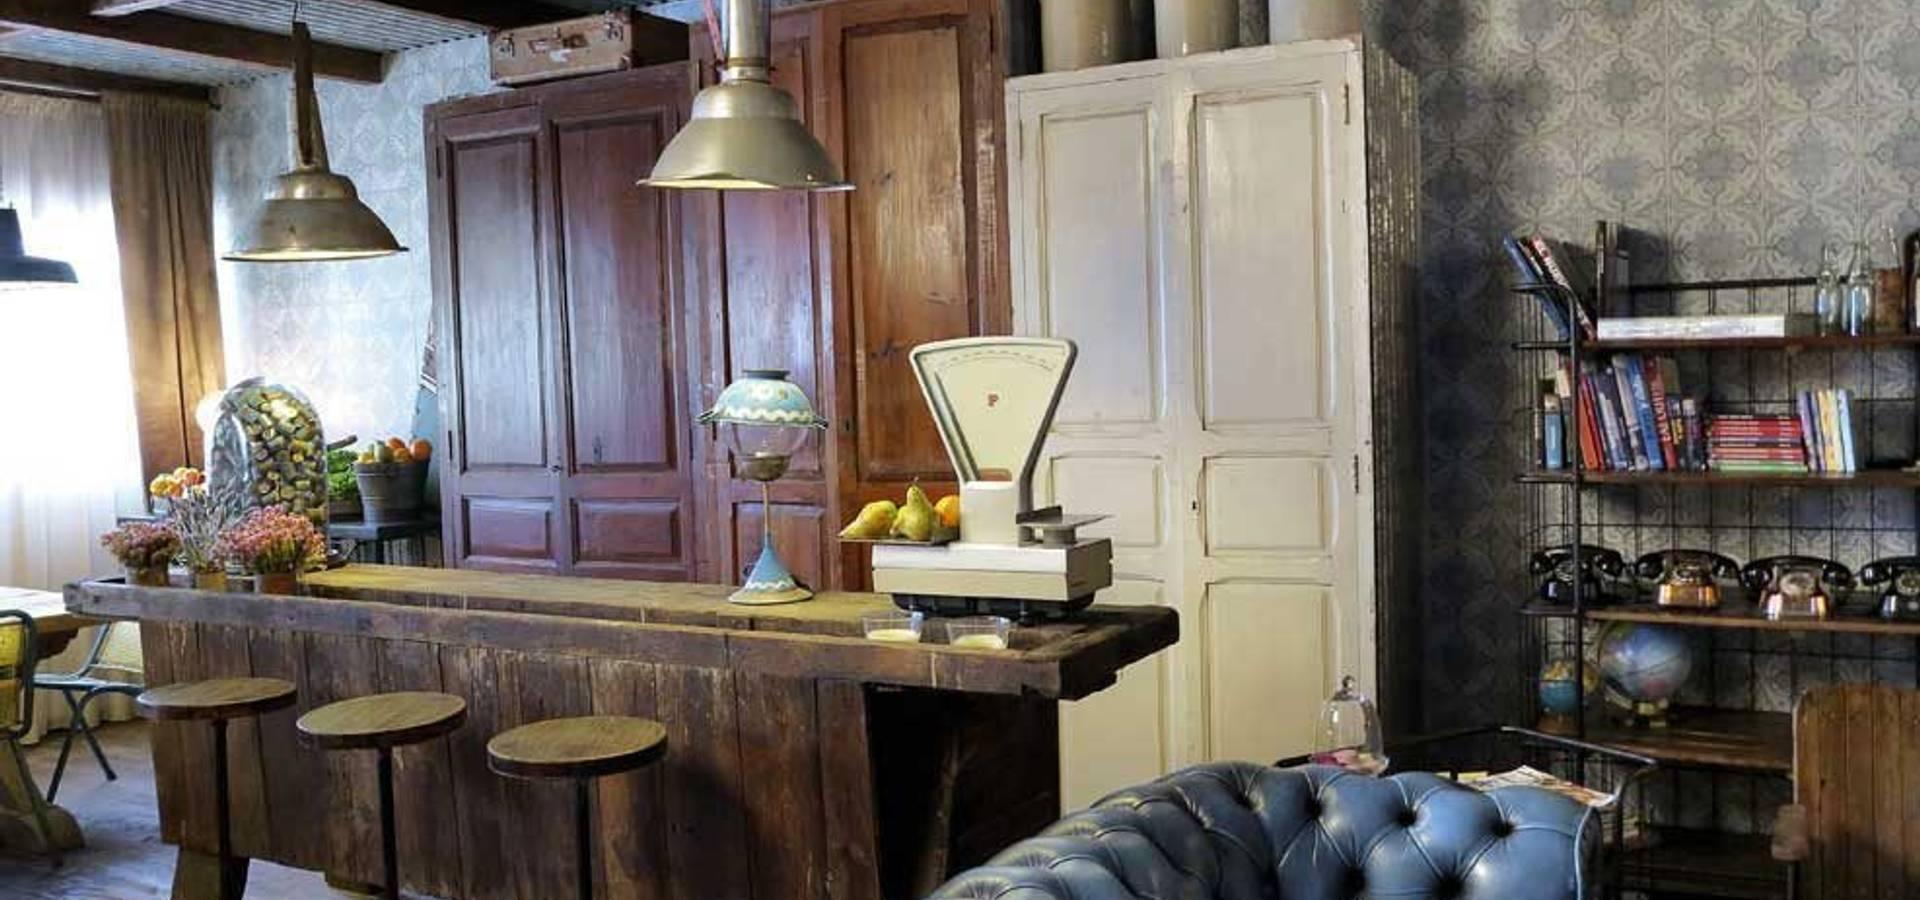 Francisco segarra muebles y accesorios en almazora - Segarra muebles ...